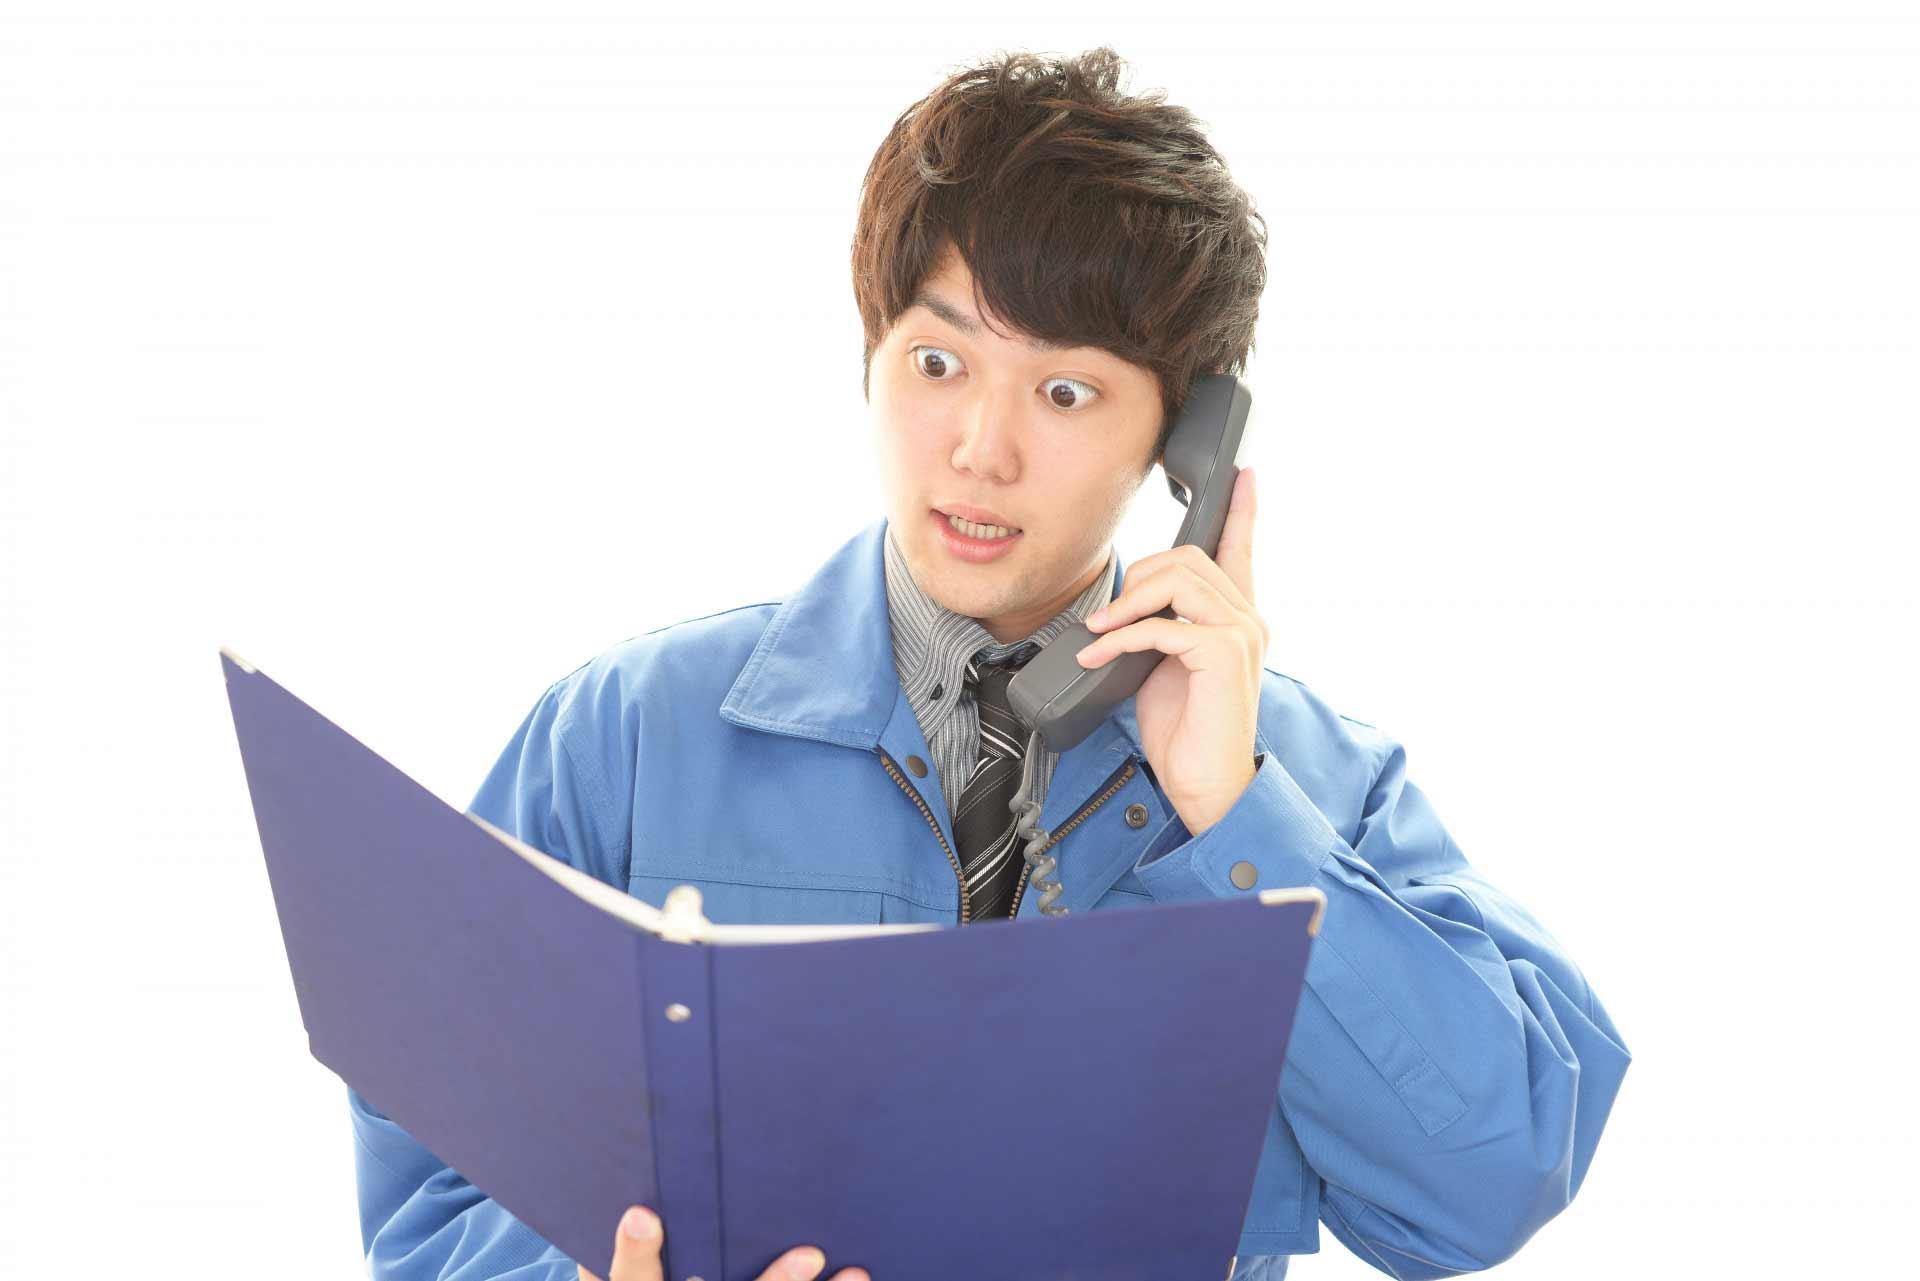 目を大きく見開いて電話をかけている男性